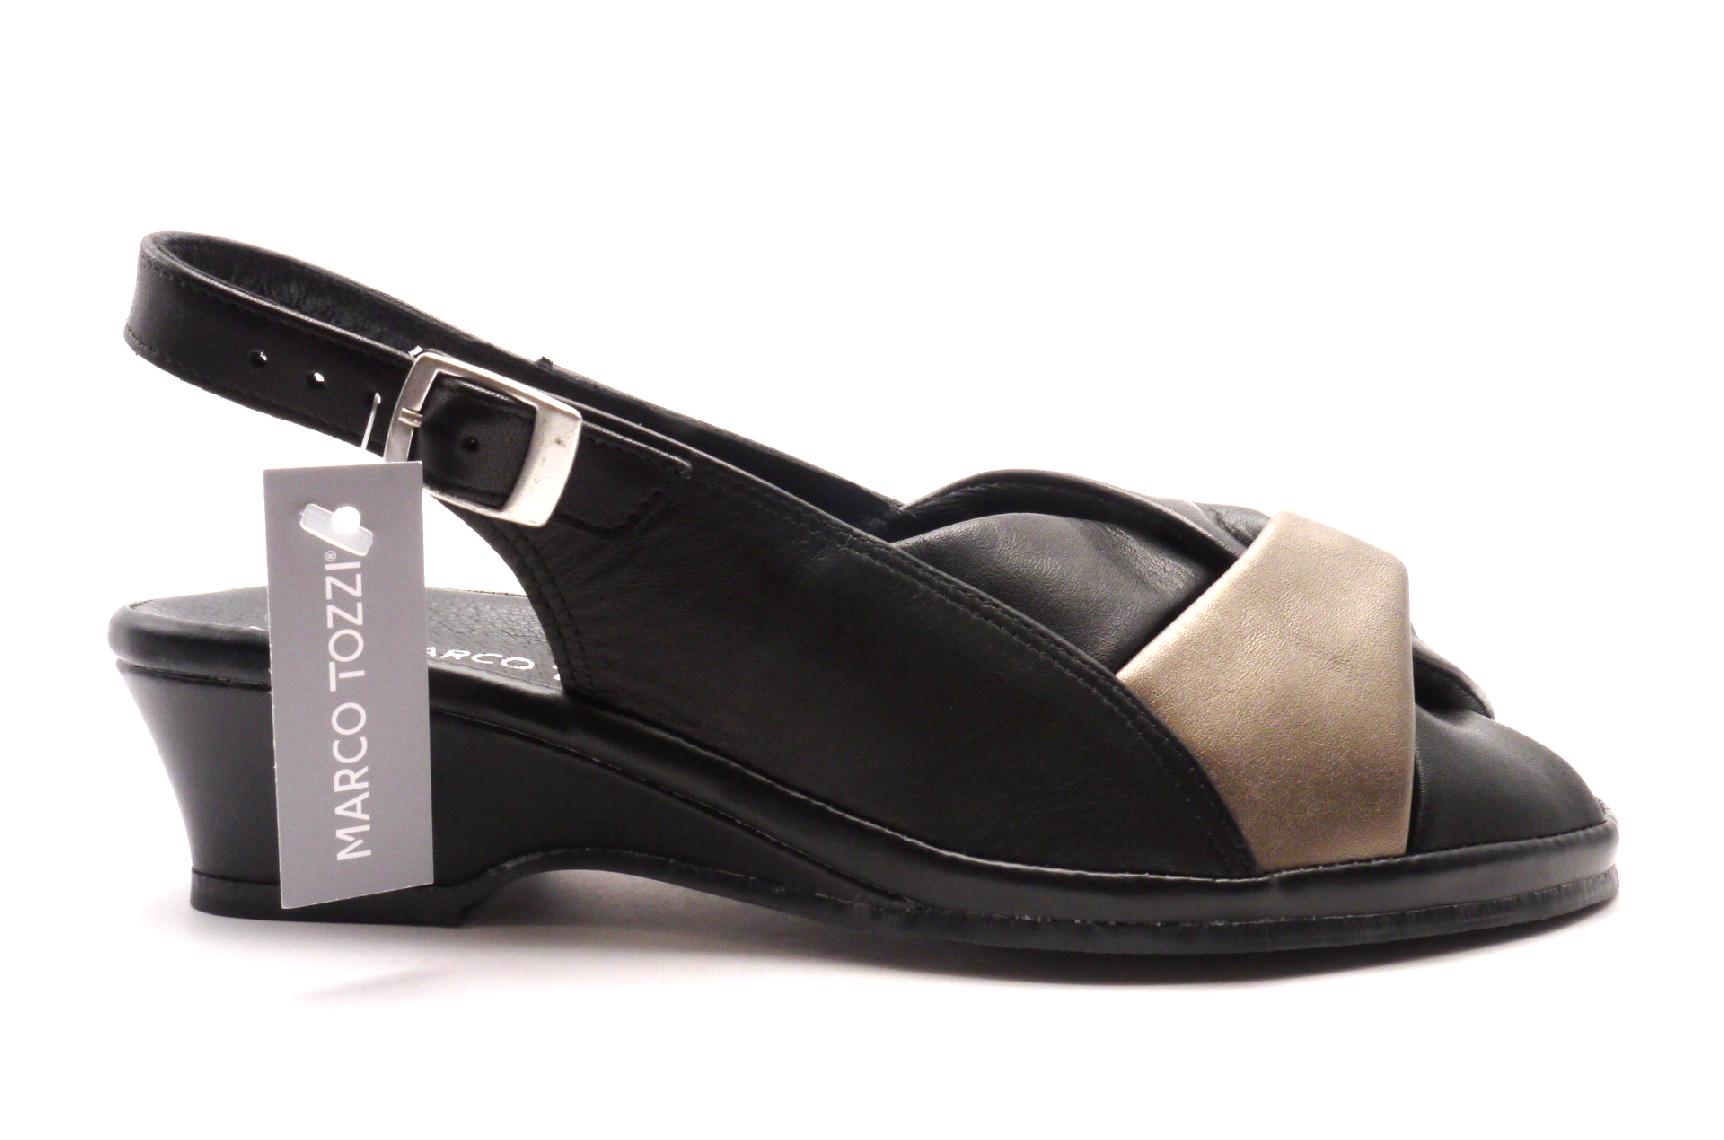 Marco Tozzi Dámské sandály 2-28910-28 Velikost: 36